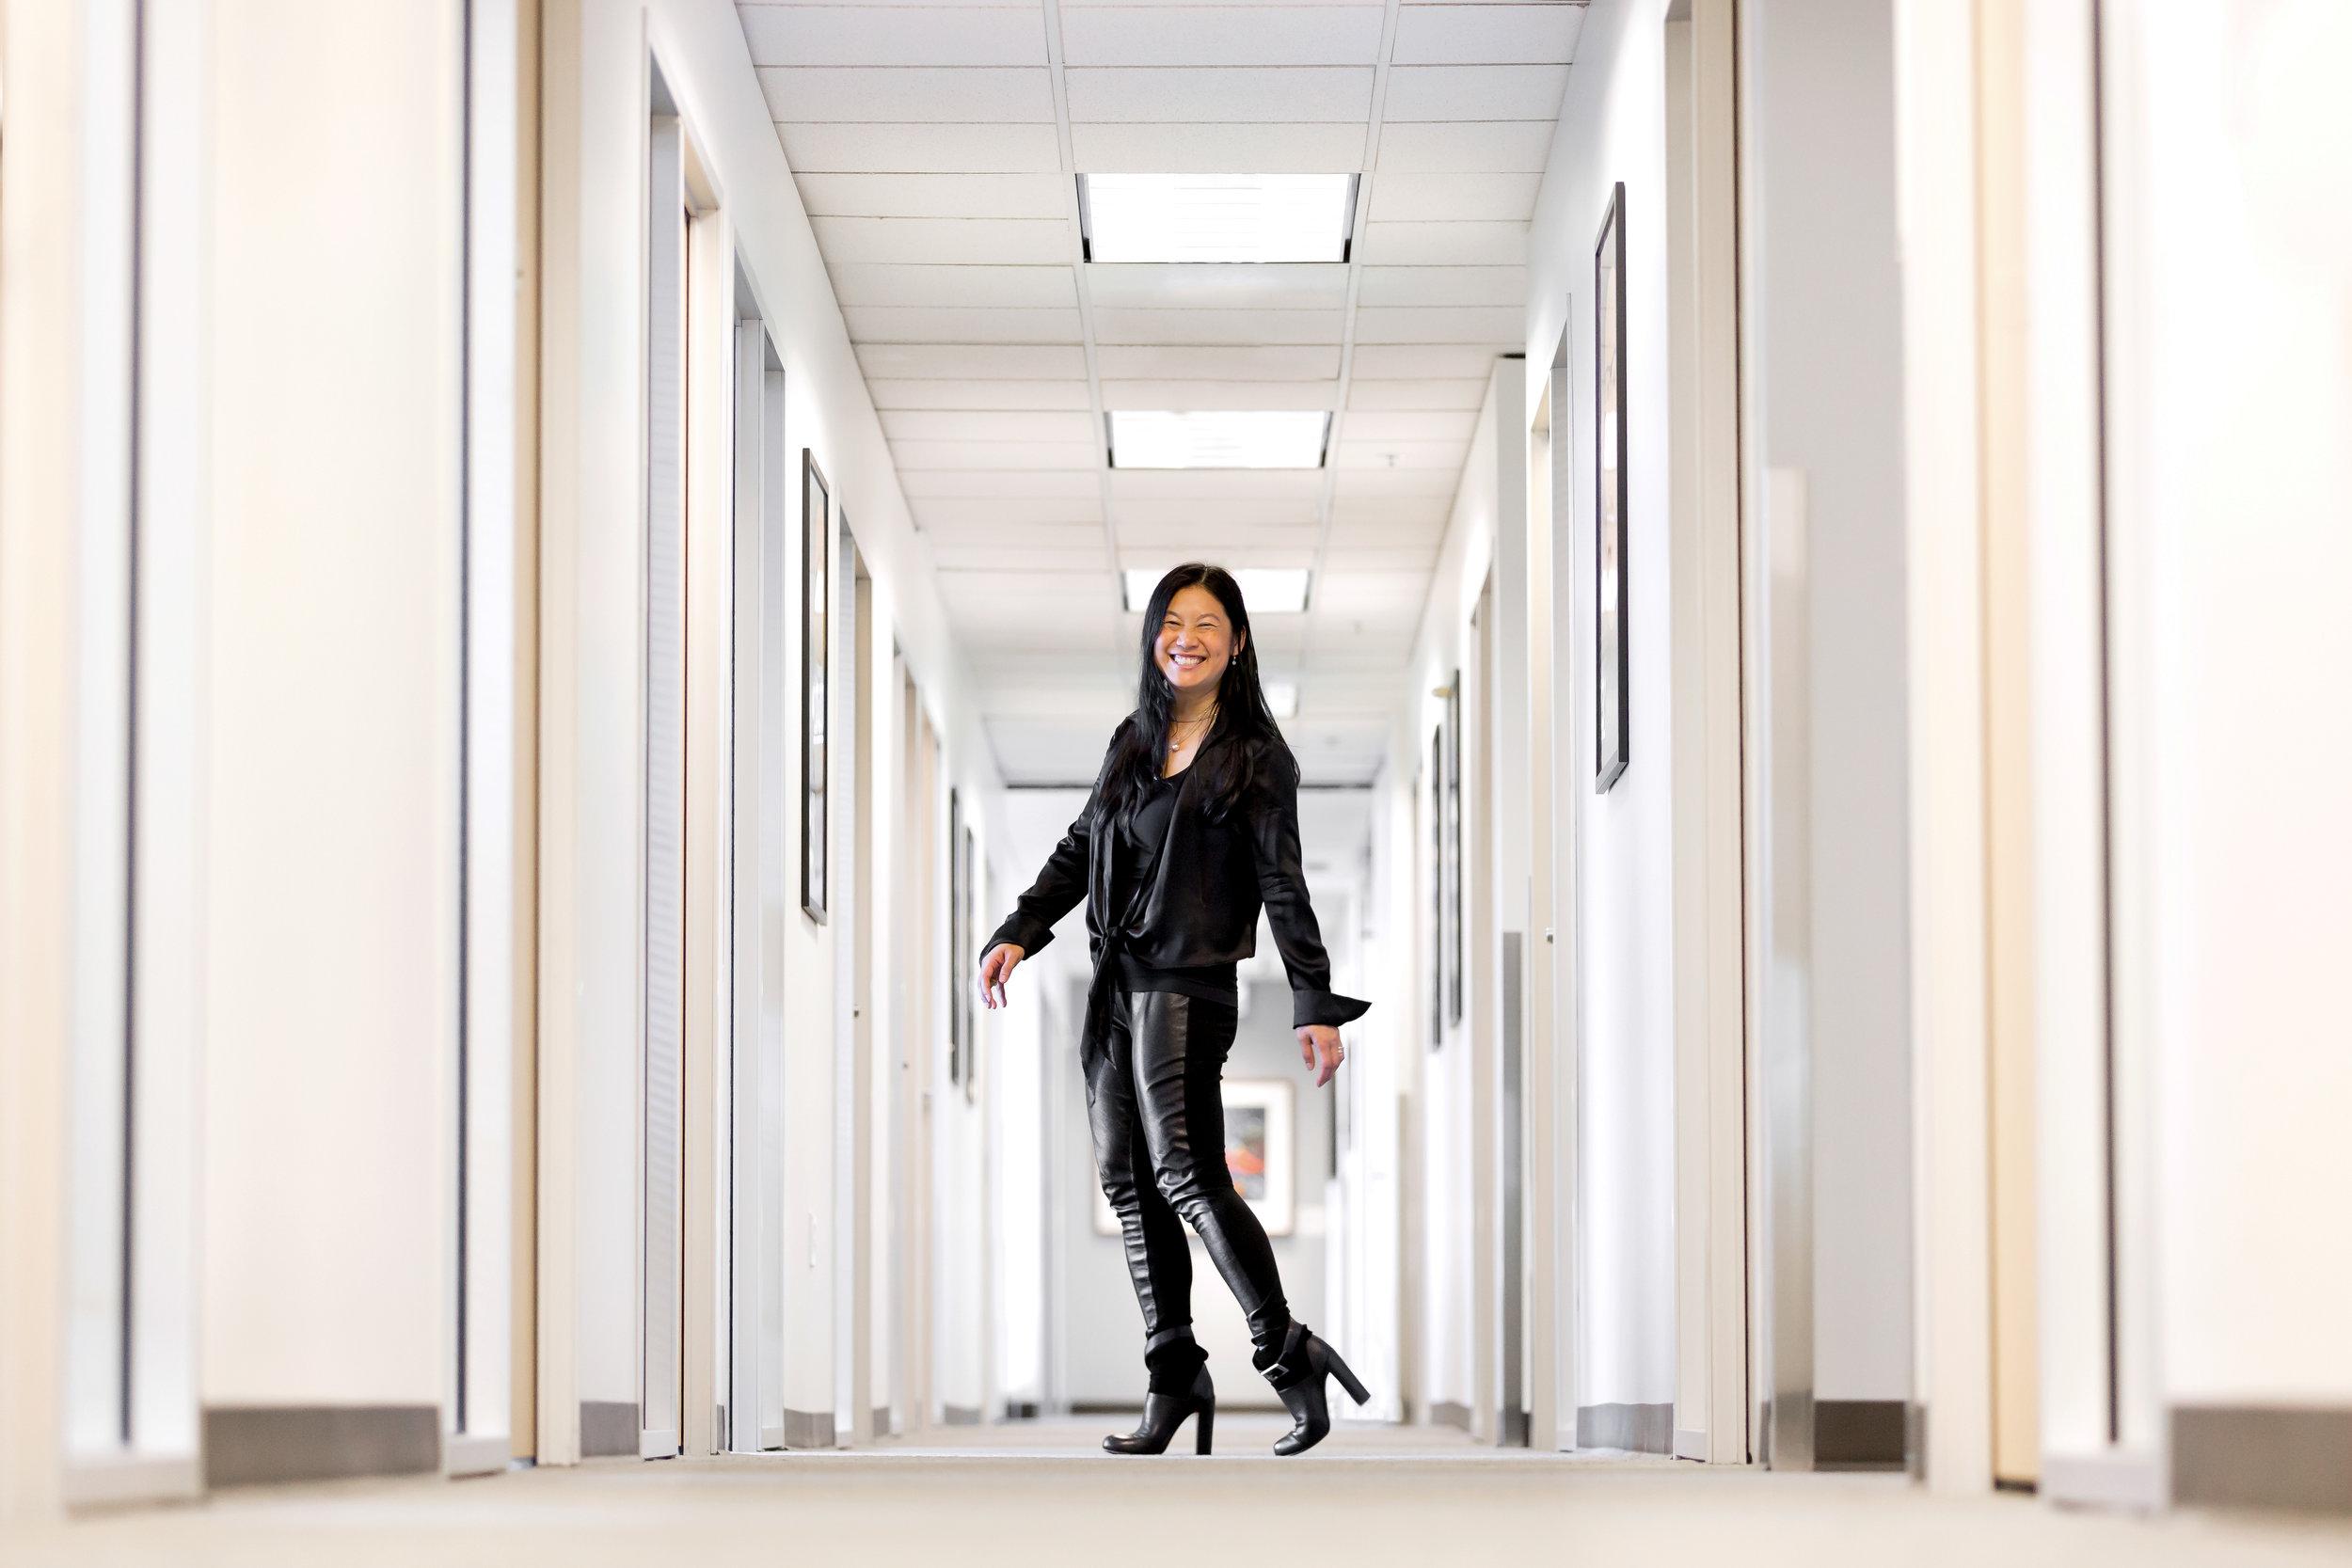 Microsoft-Lili-Cheng-05.JPG